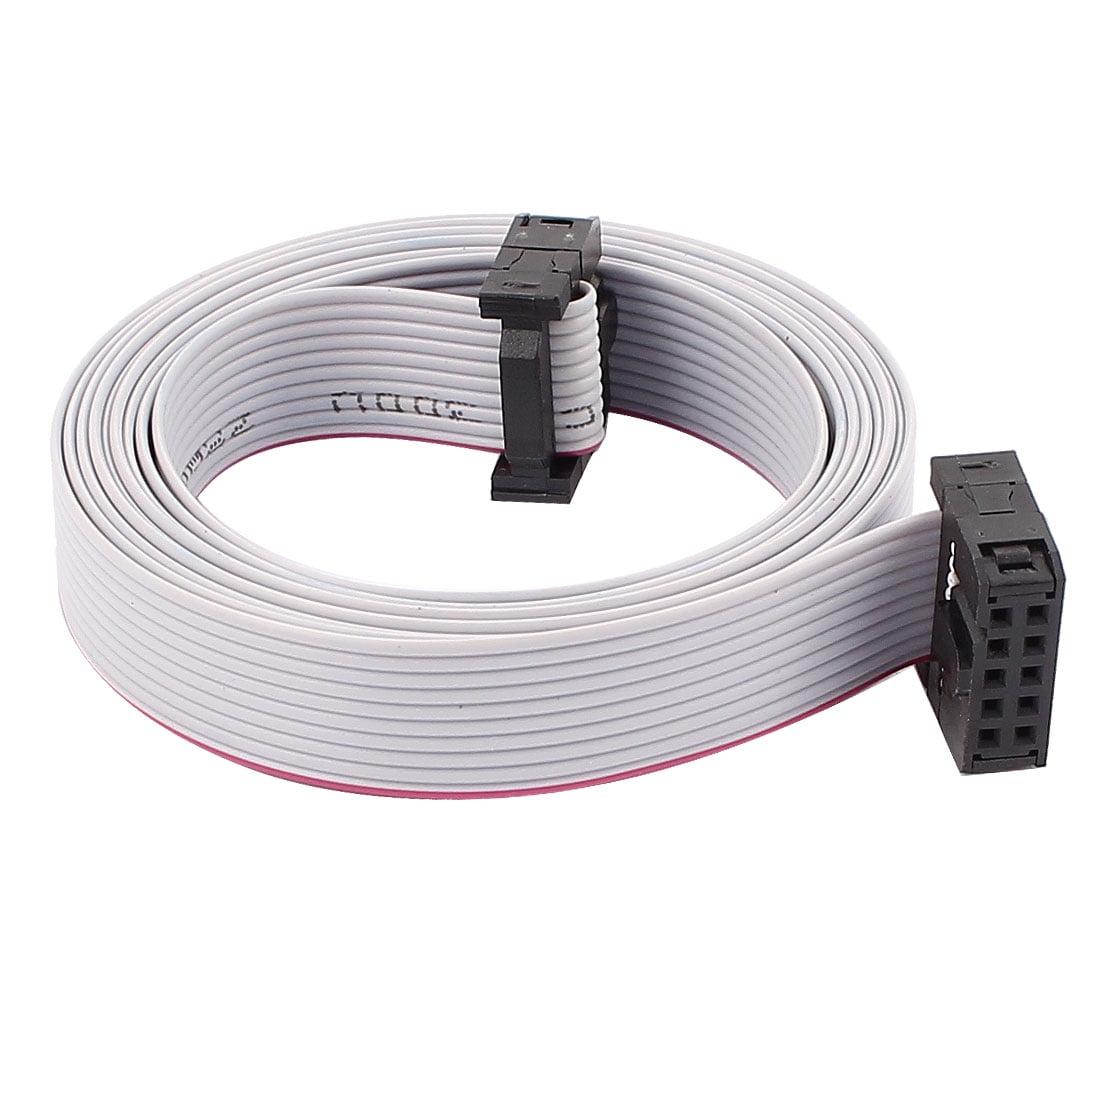 2.54mm Pitch 10PIN 10fils F/F IDC connecteur Cable Ruban Plat 148cm - image 2 de 2